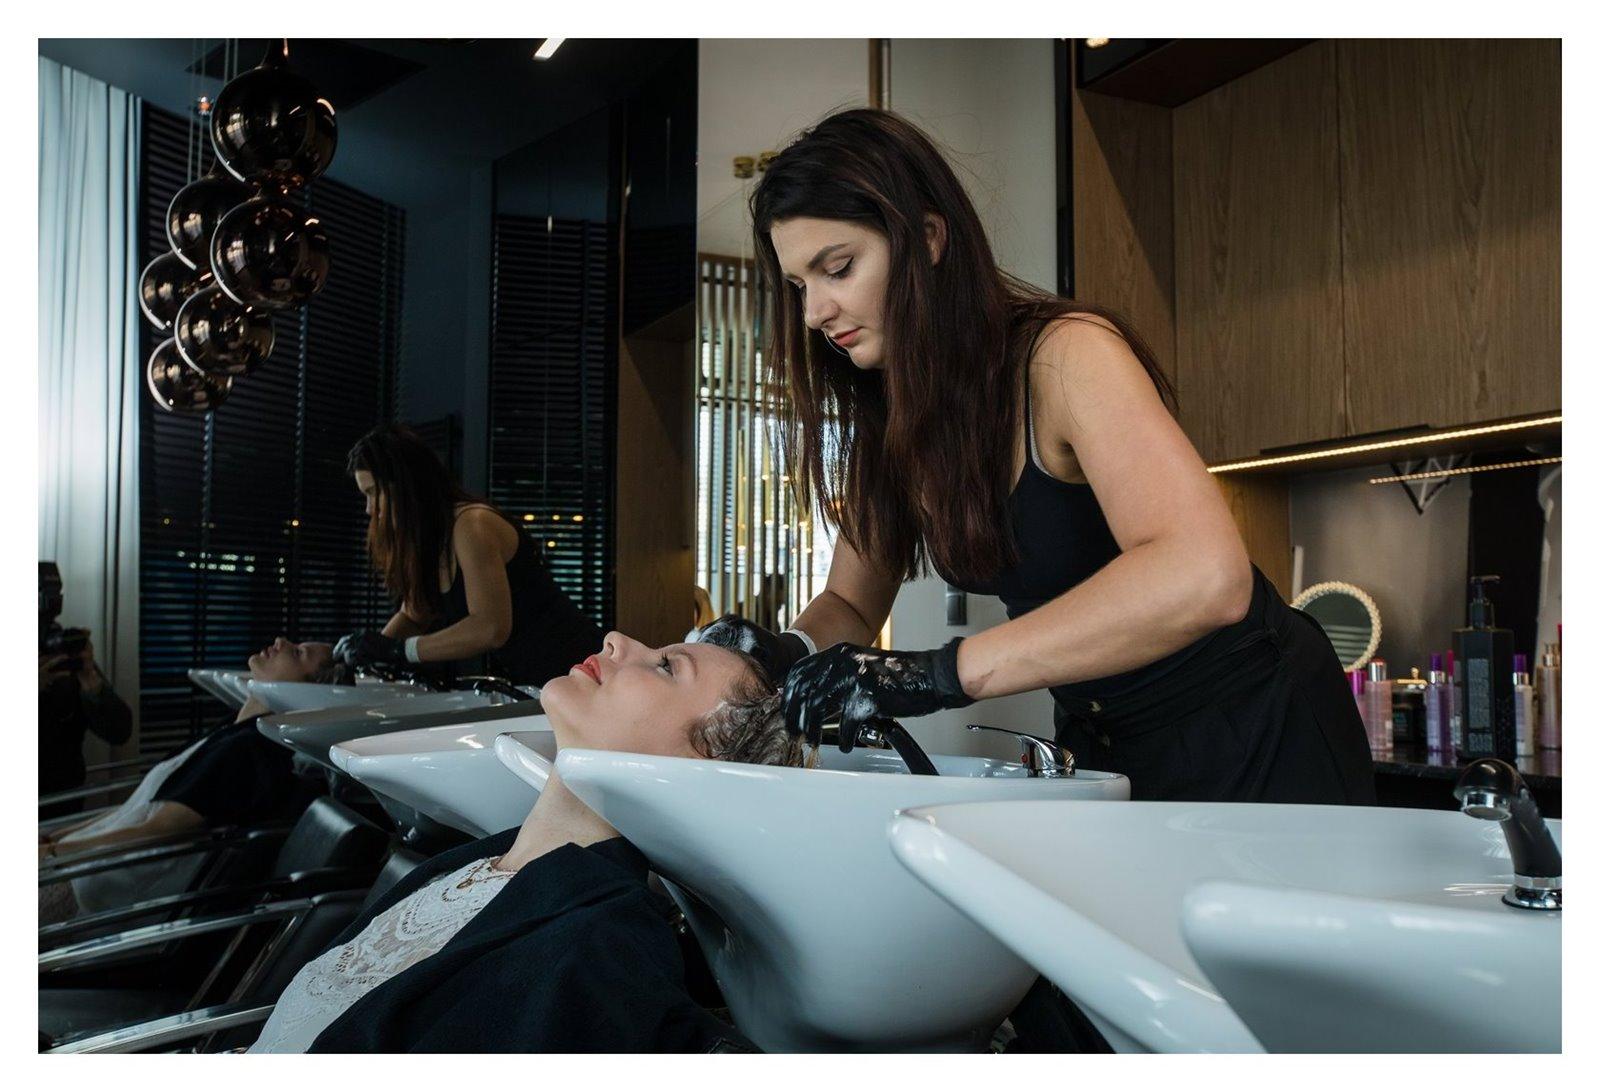 13 salon fryzjerski luisse łódź najlepszy fryzjer w łodzi gdzie pofarbować włosy w łodzi schwarzkopf opinia pielęgnacja bc fibre clinix booster na czym polega ile kosztuje cena